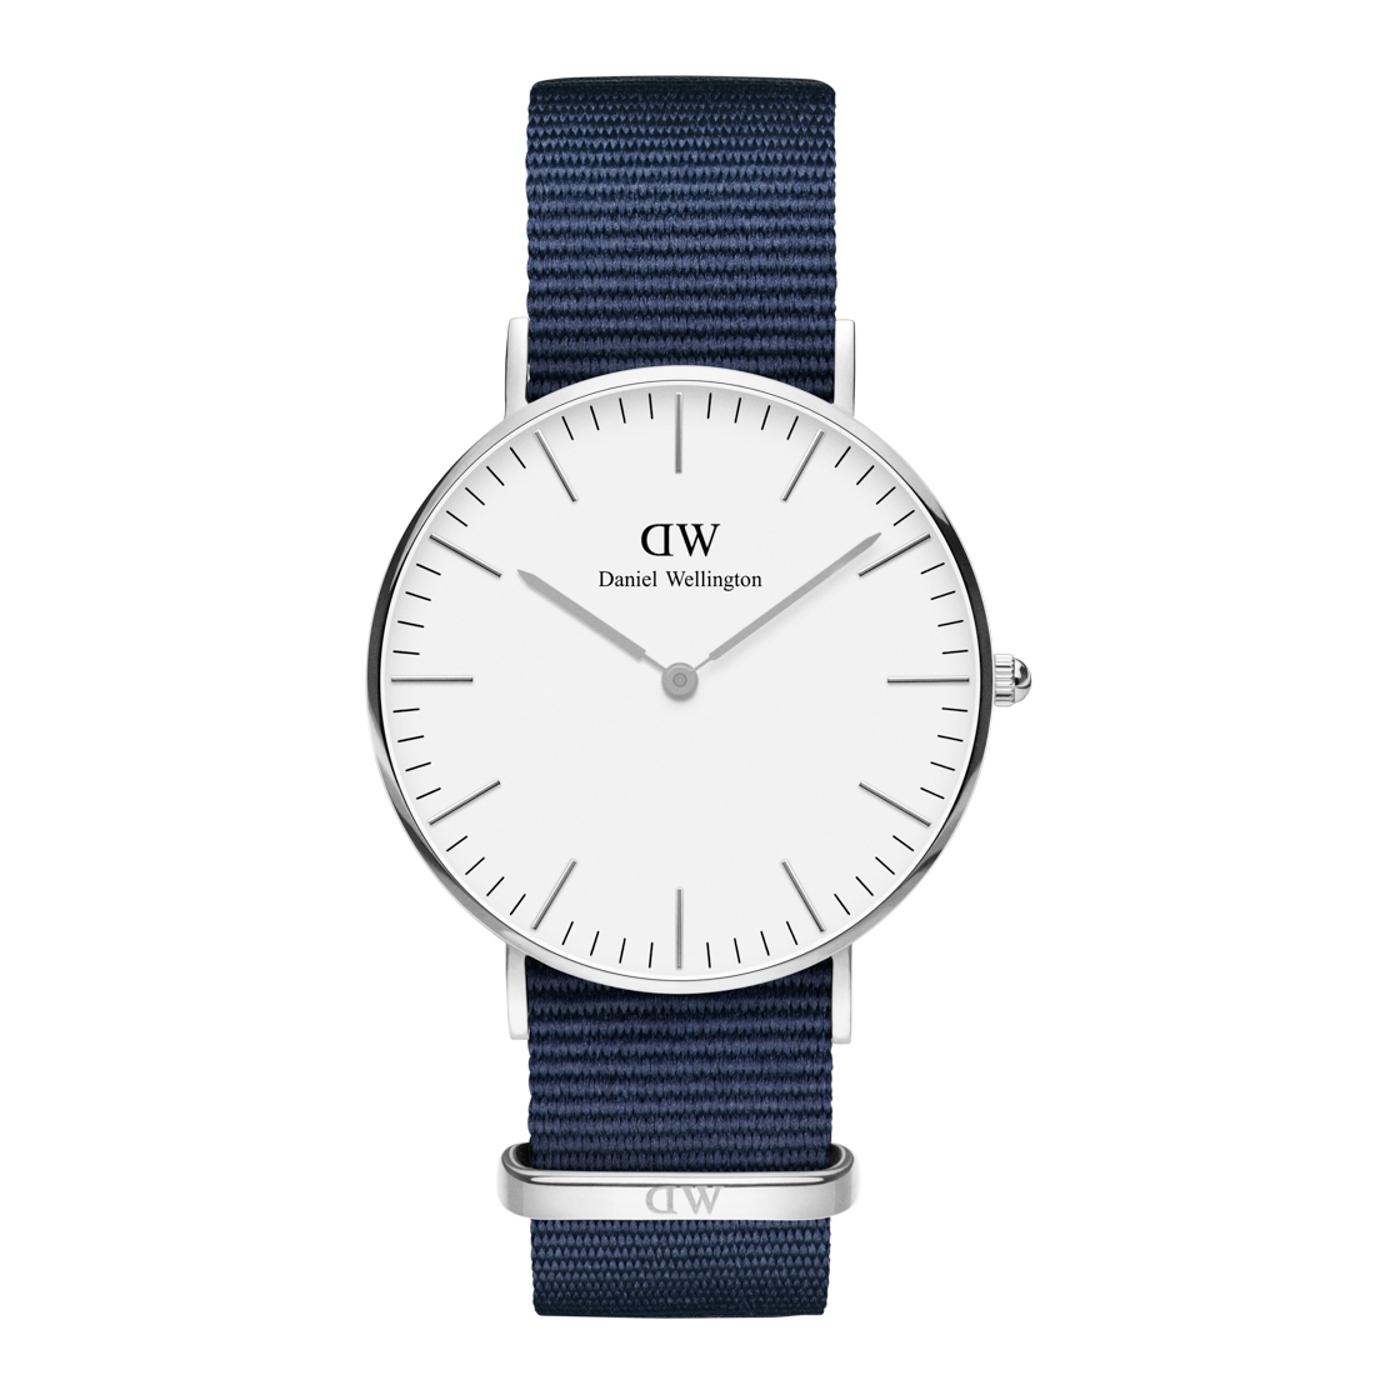 Afbeelding van Daniel Wellington Classic Bayswater horloge DW00100280 (36 mm)